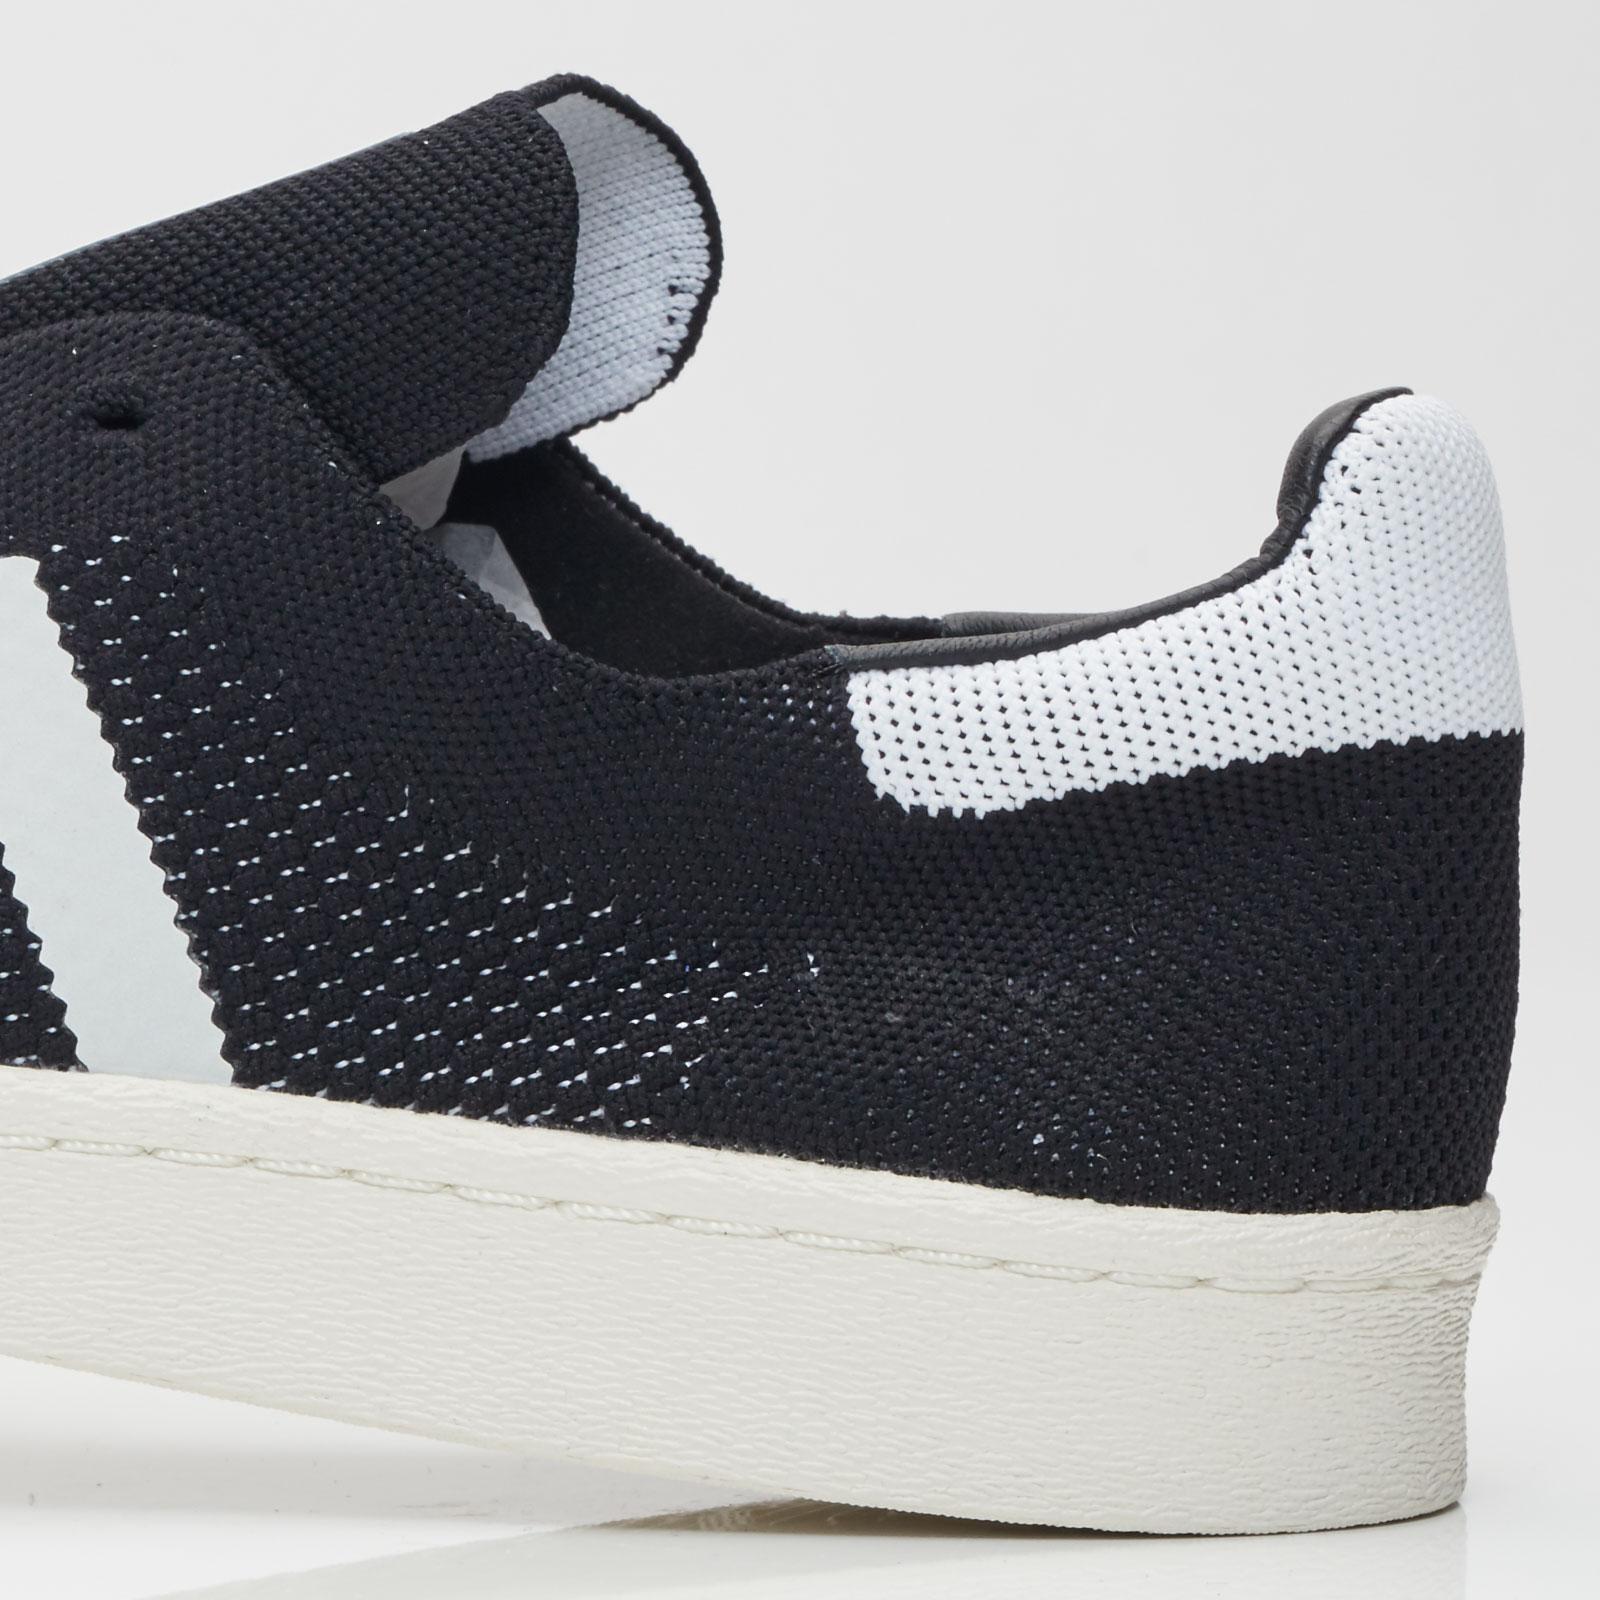 585e1d97c60d adidas Superstar Boost Pk - Bb0191 - Sneakersnstuff